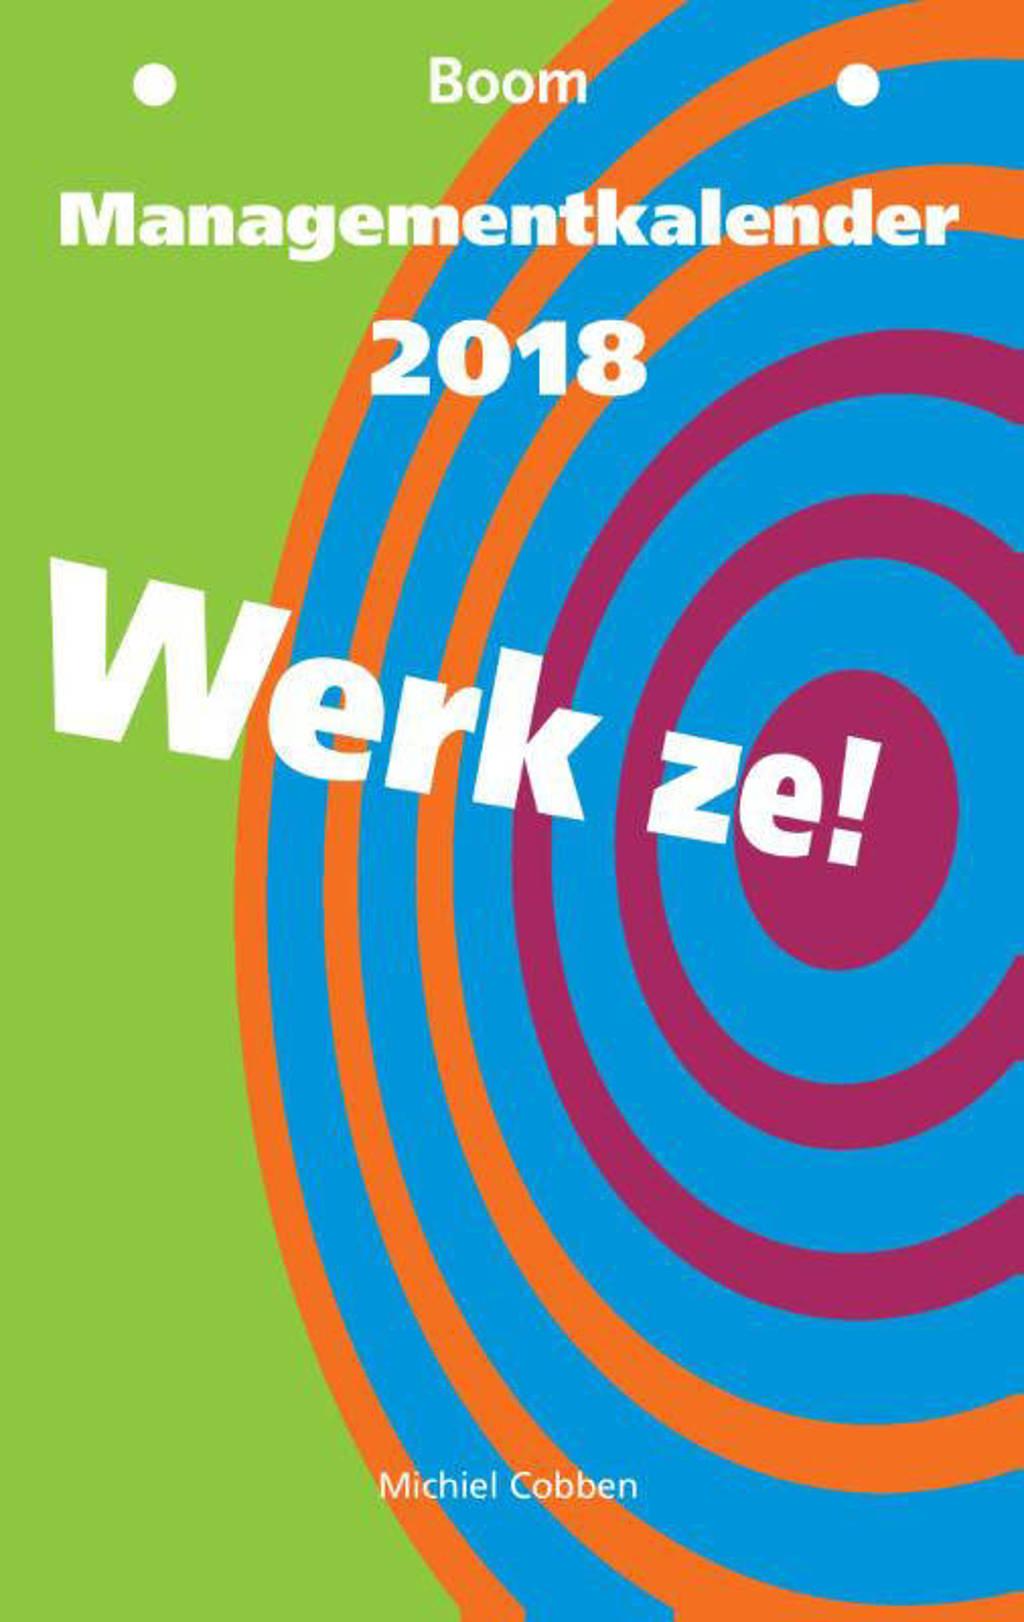 Managementkalender 2018 - Michiel Cobben